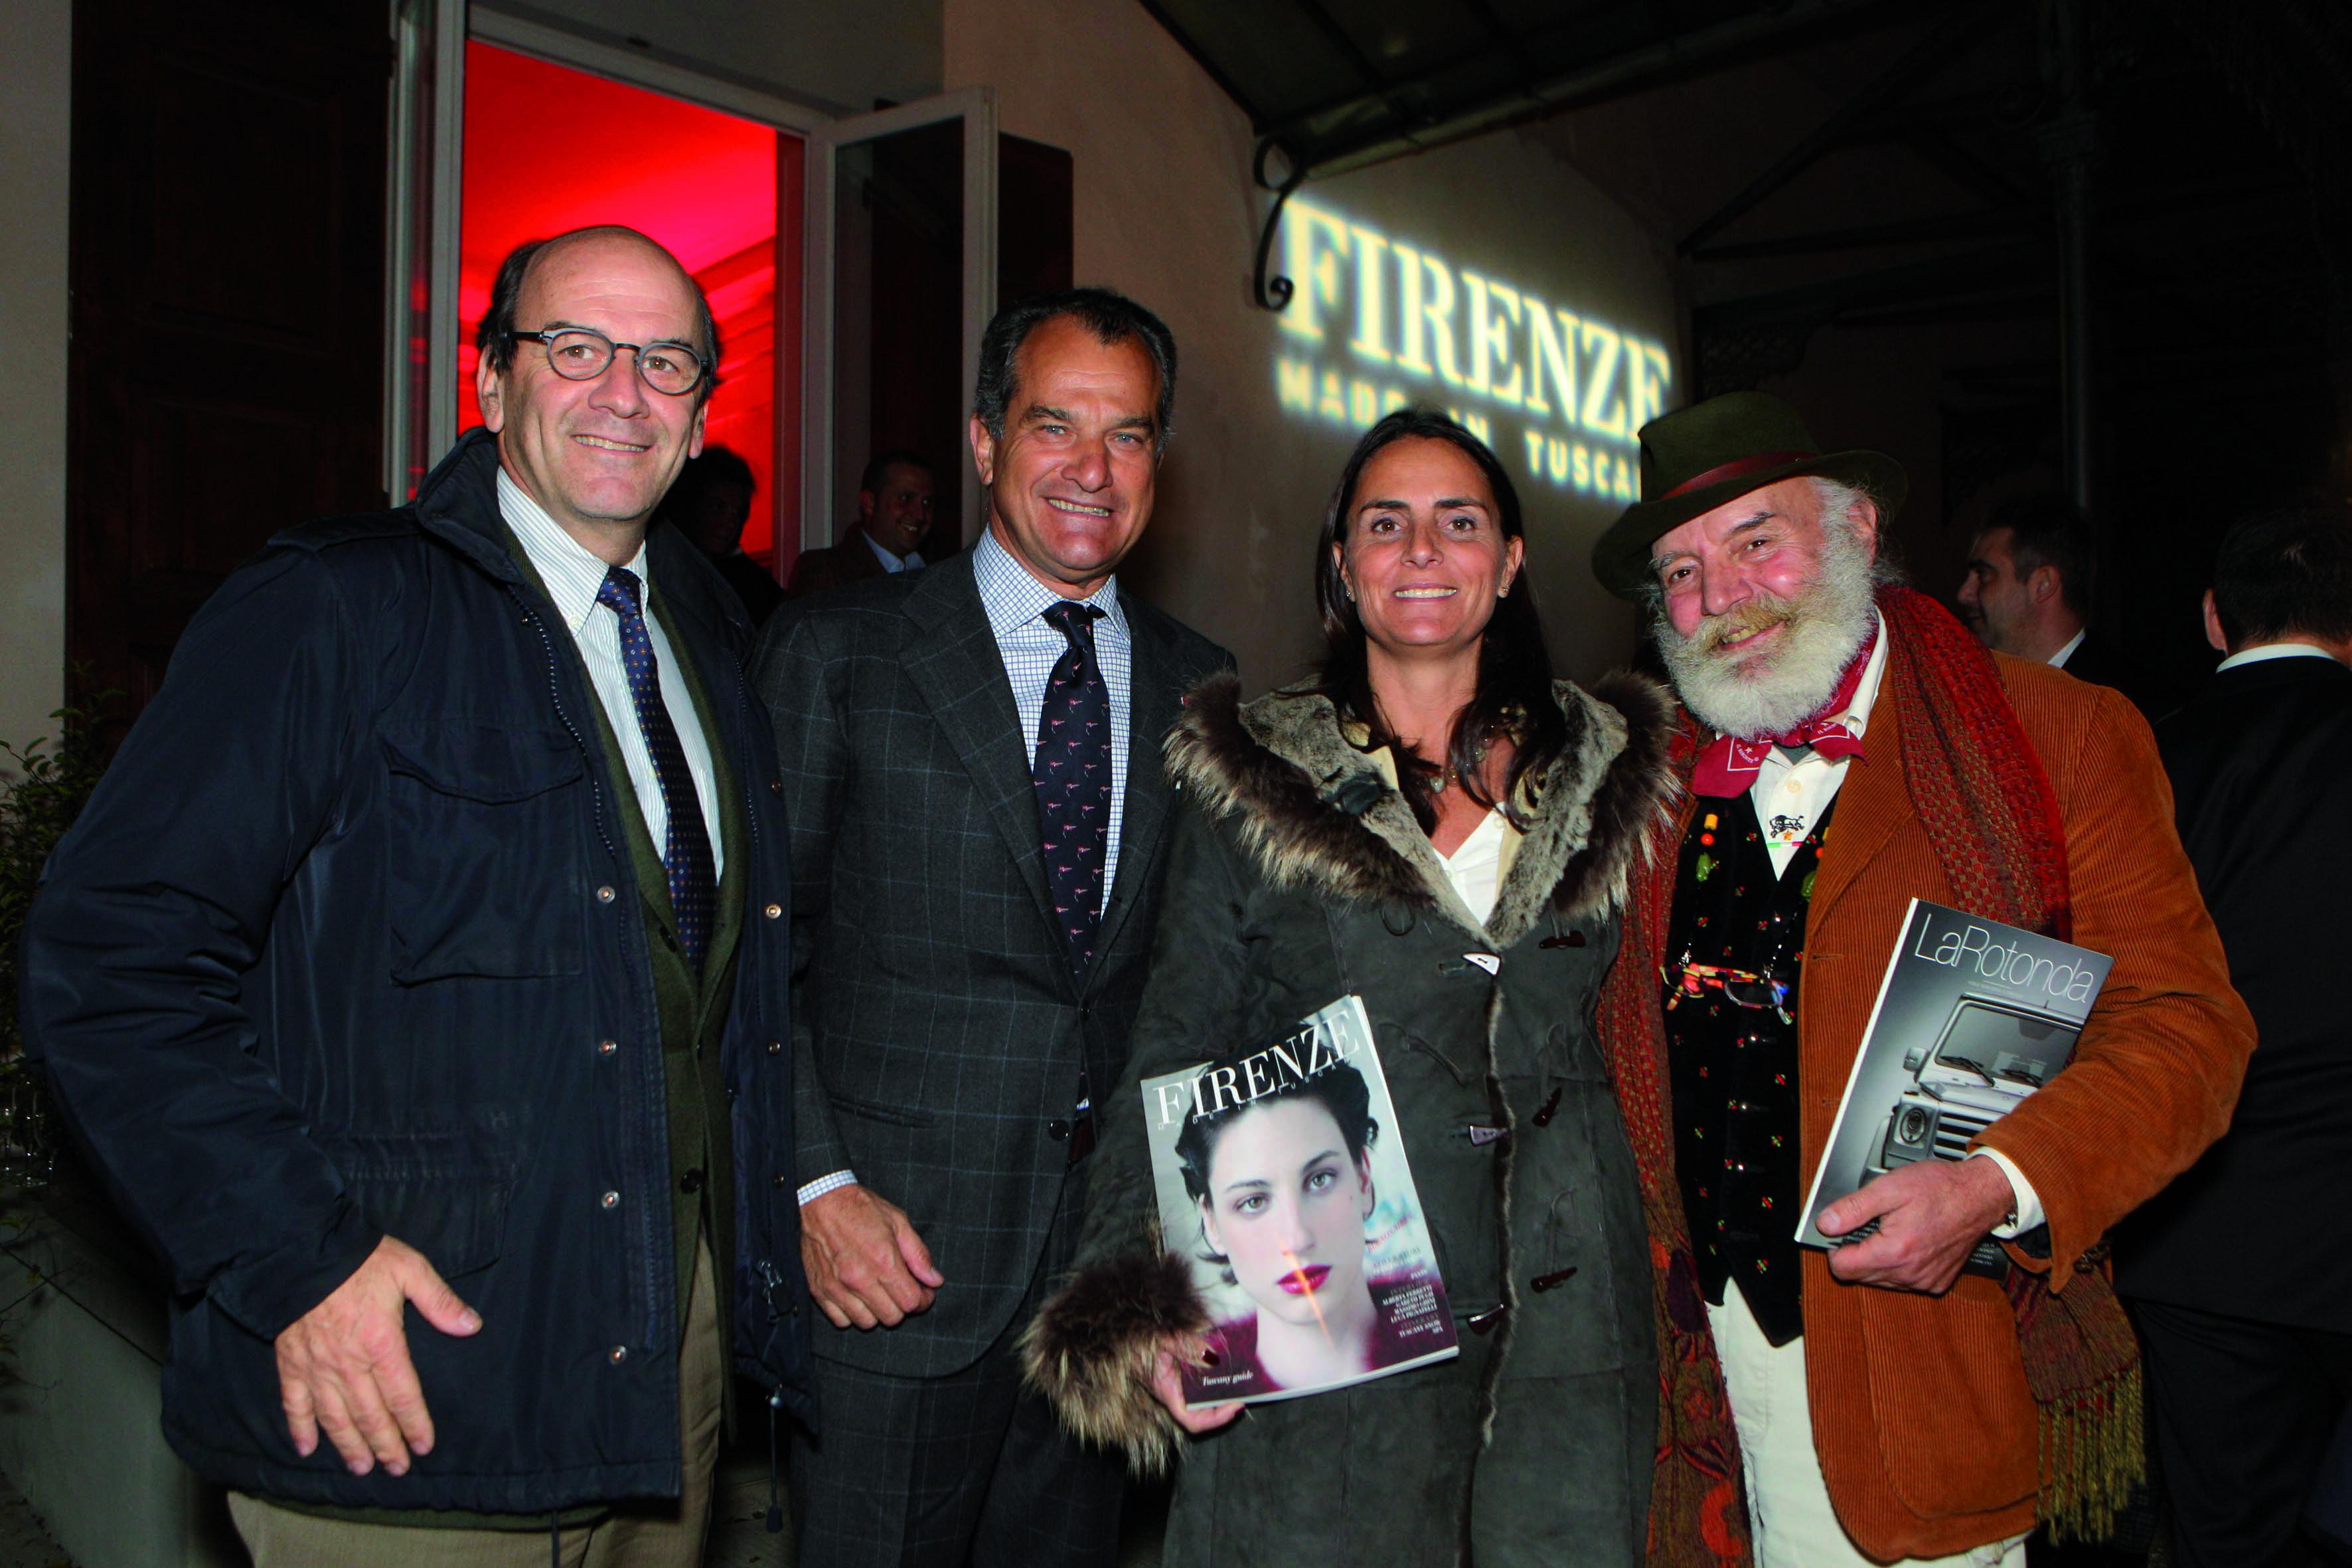 Pressphoto,Firenze Villa Bardini Festa Firenze Magazine.nella foto:  Raffaele Napoleone e signora, Leonardo Ferragamo, Vanni de Filippo